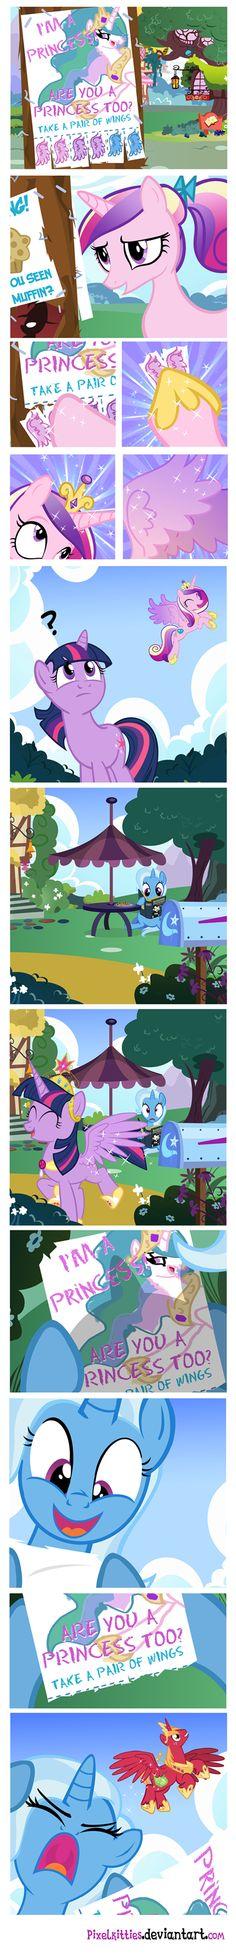 Are You a Princess Too?